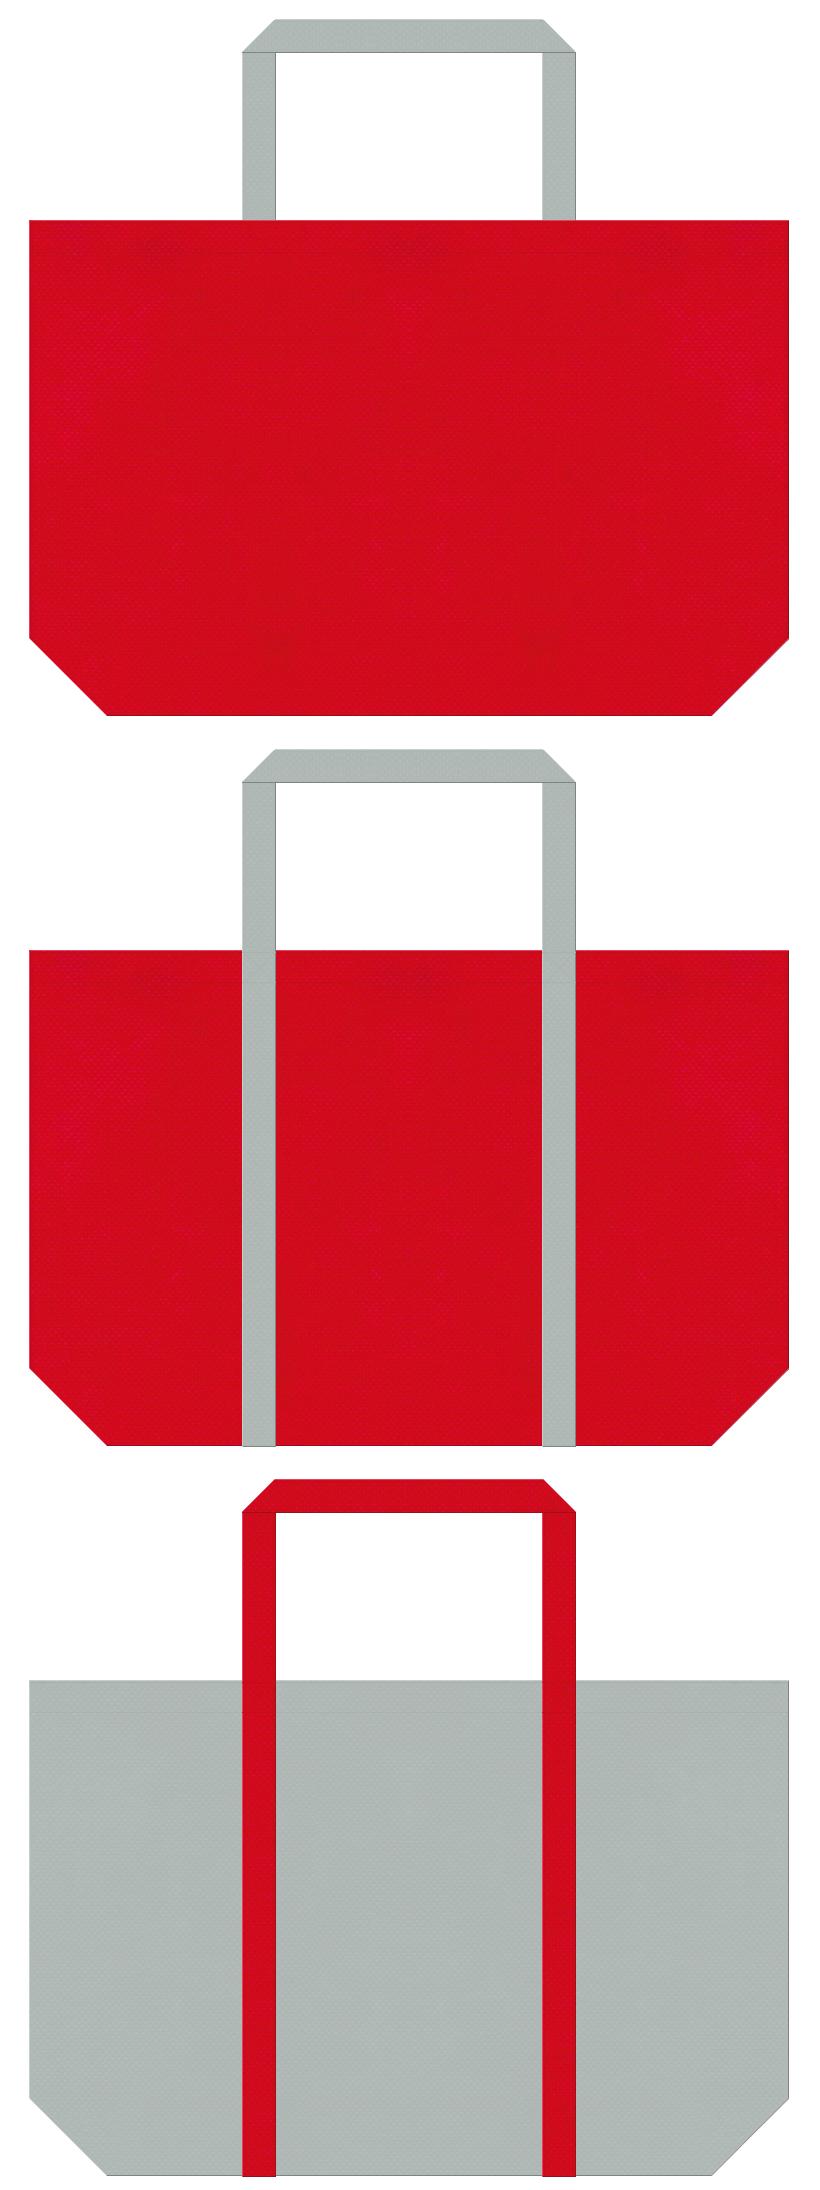 ロボット・プラモデル・ラジコン・ホビーの福袋にお奨めの不織布バッグデザイン:紅色とグレー色のコーデ